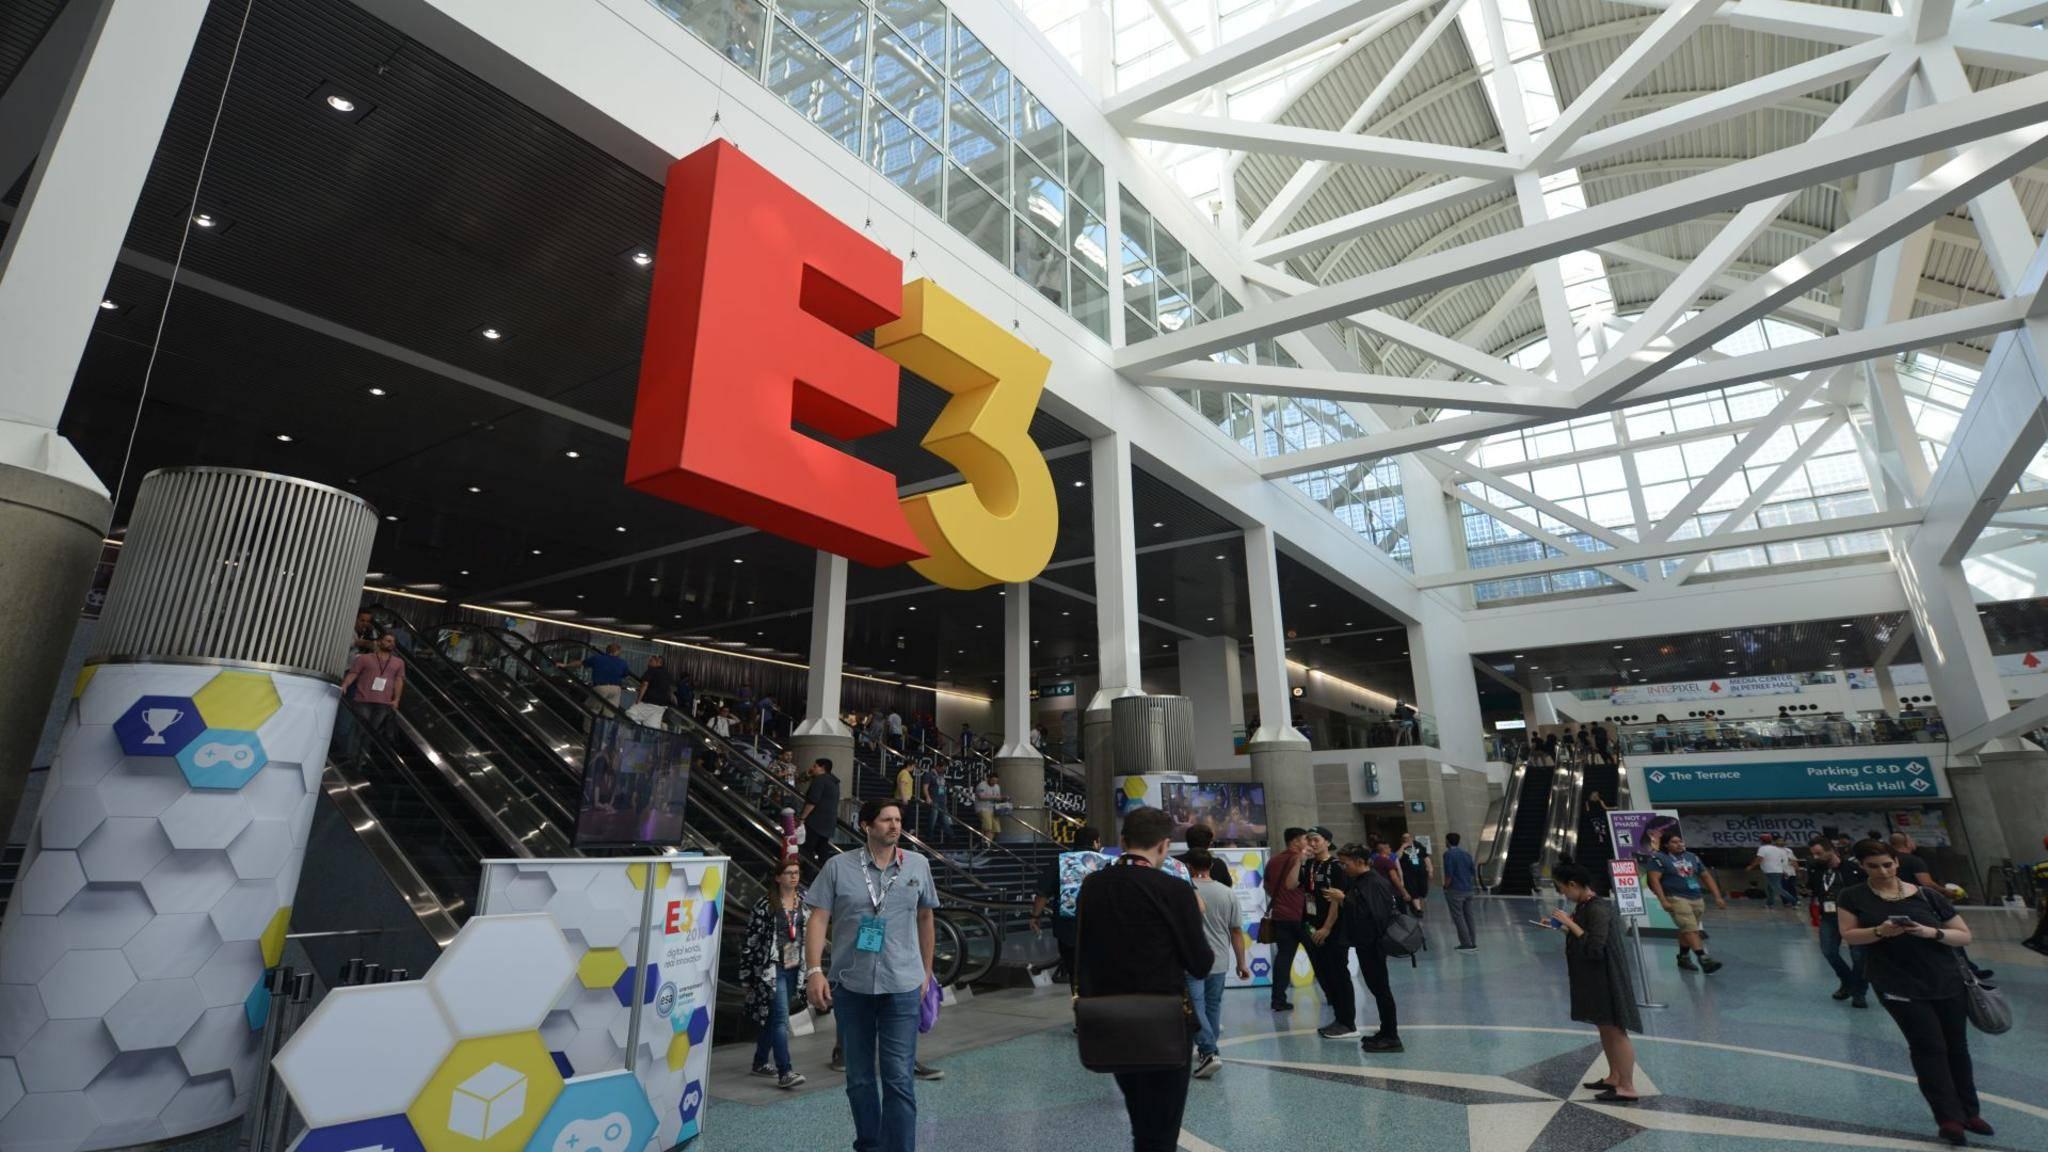 Enttäuschung für Fans: Sony wird bei der E3 2019 nicht dabei sein.